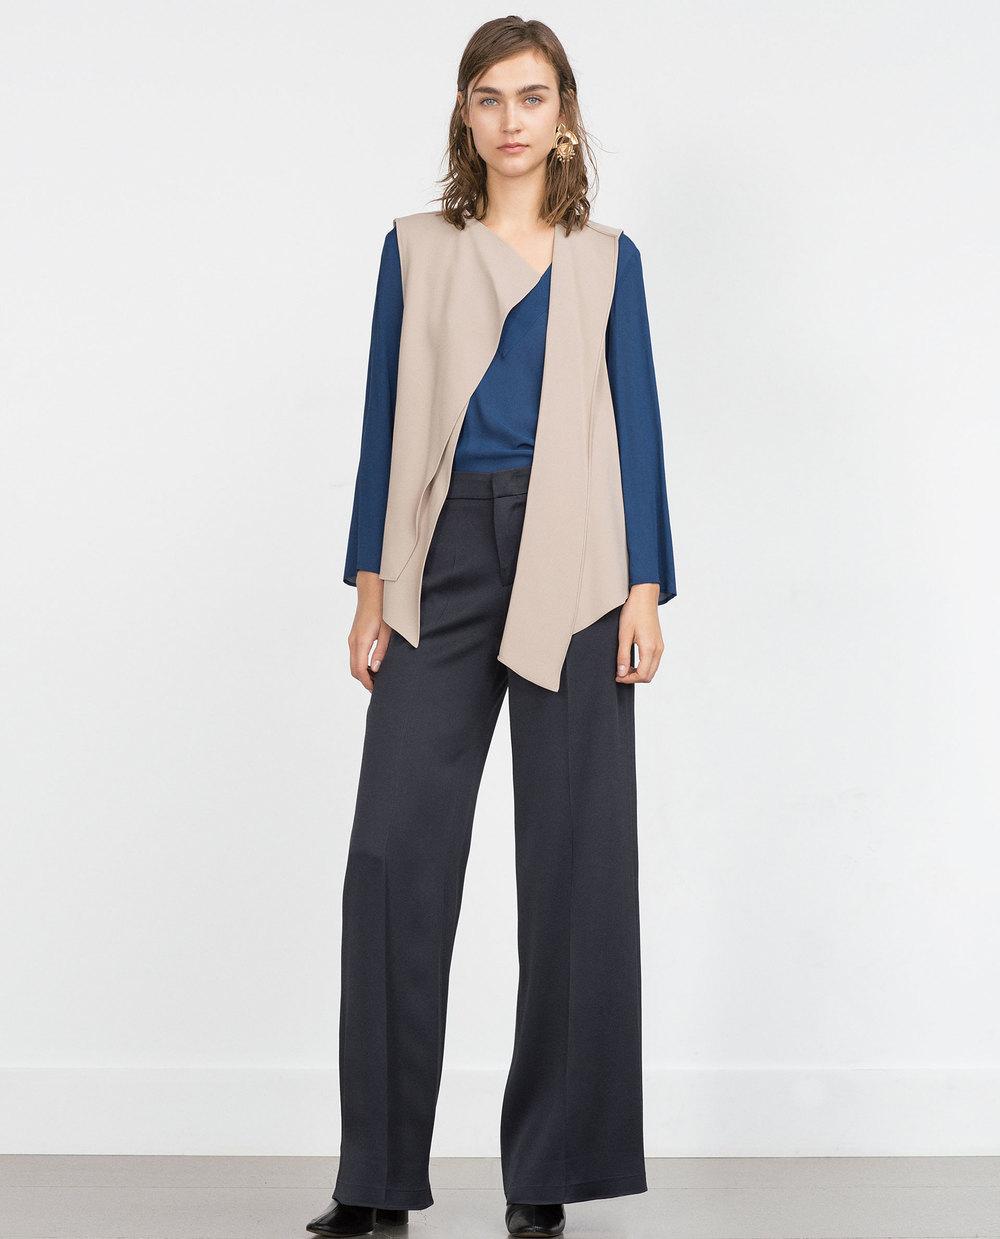 Flowing Waistcoat with Drawstring. Zara. $69.